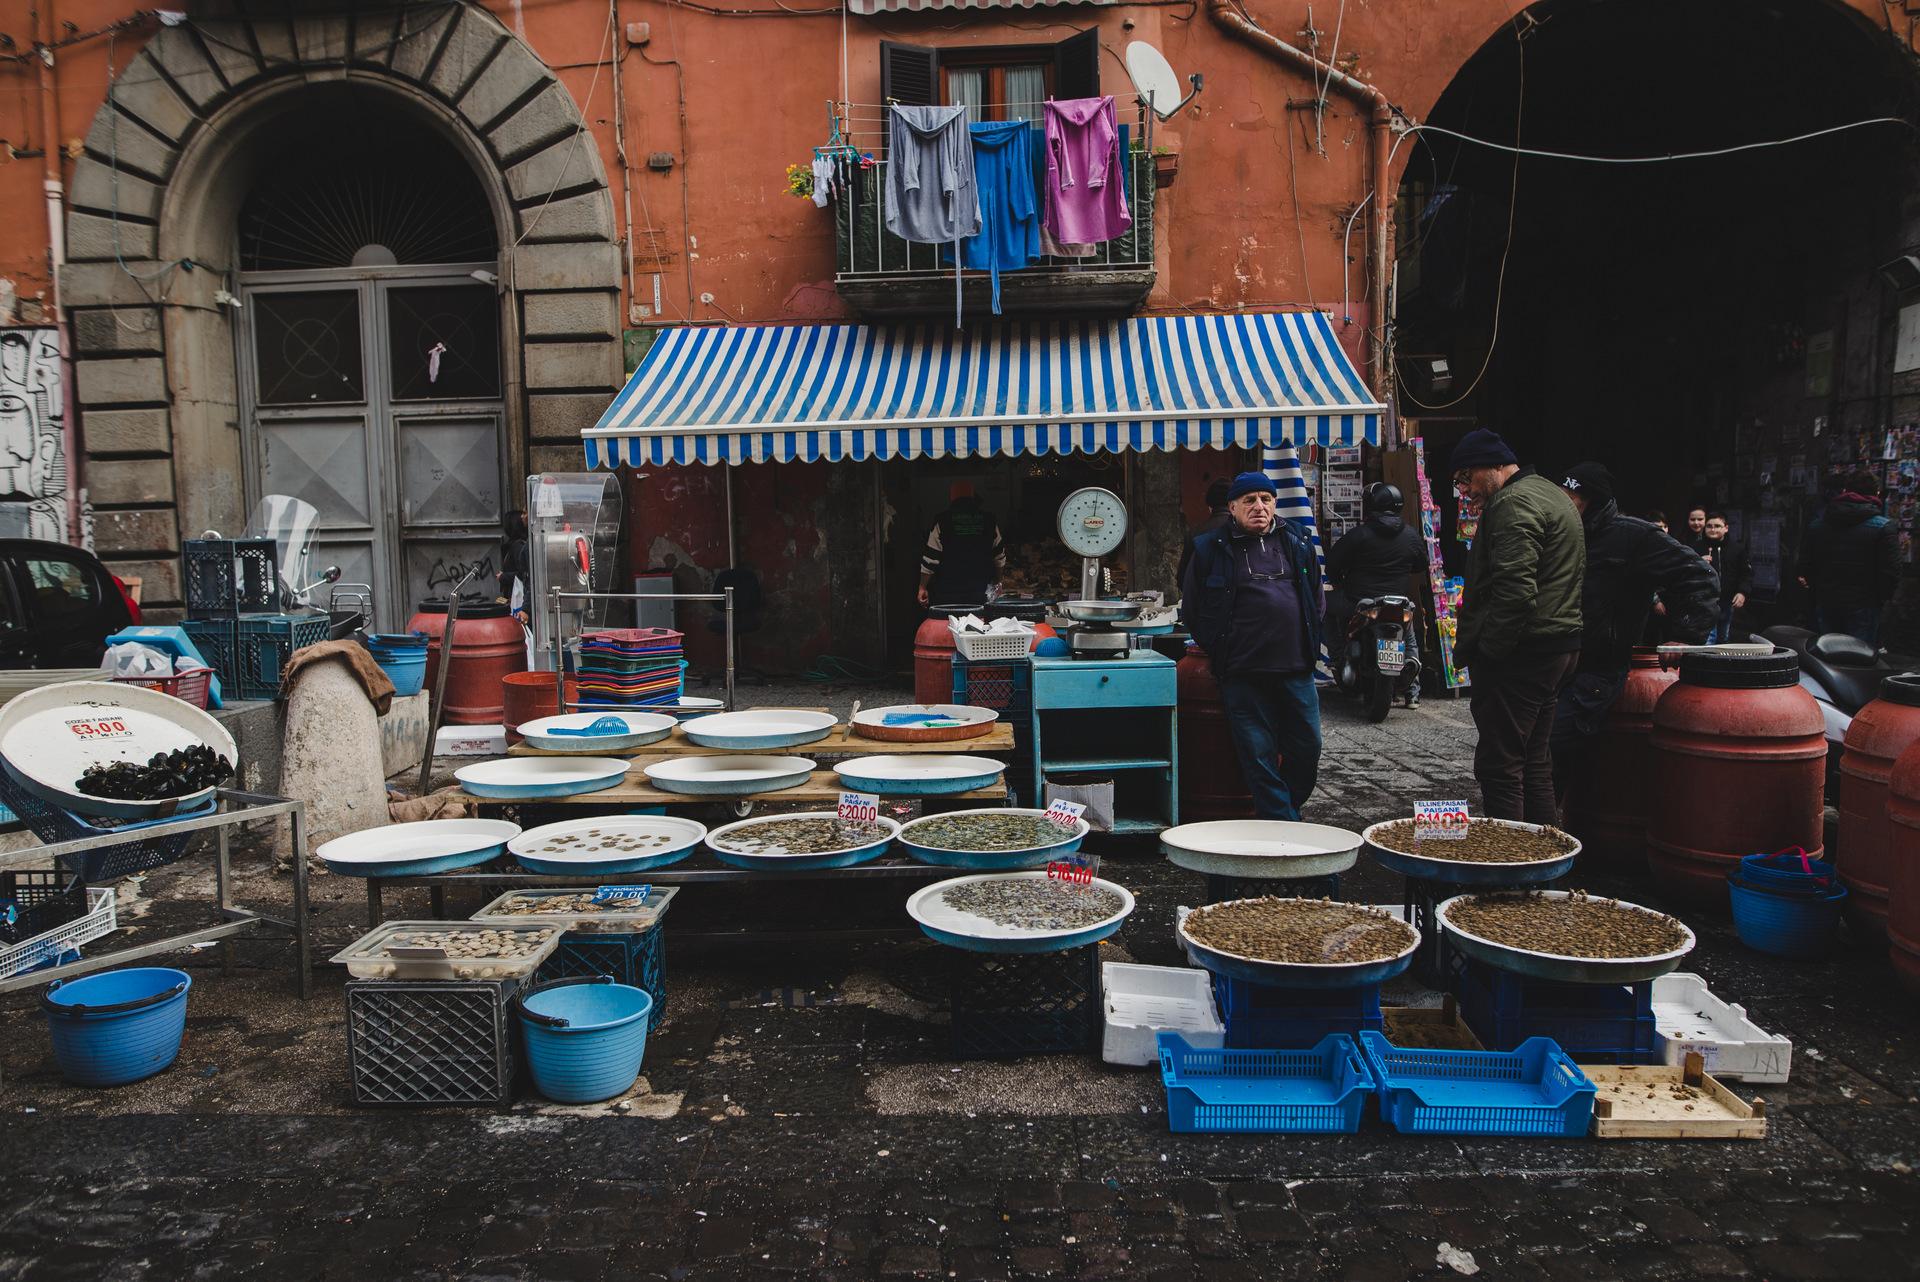 centro storico neapol